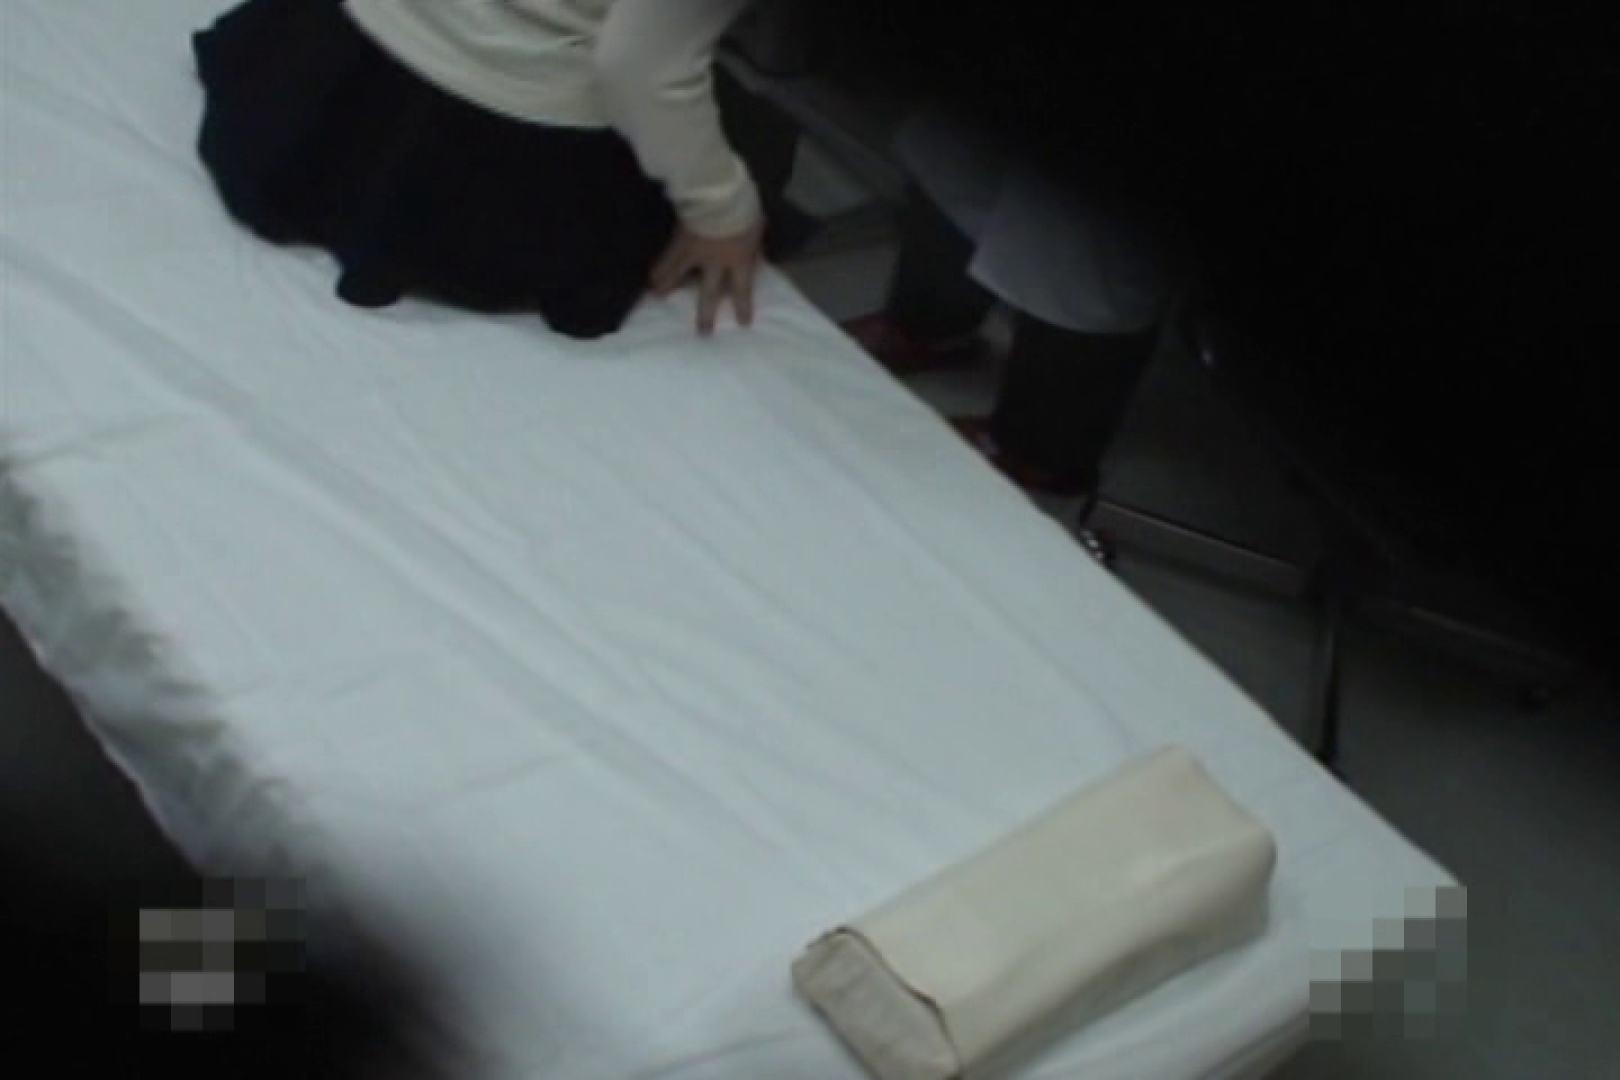 逆噴射病院 肛門科Vol.7 女性の肛門 すけべAV動画紹介 100画像 53